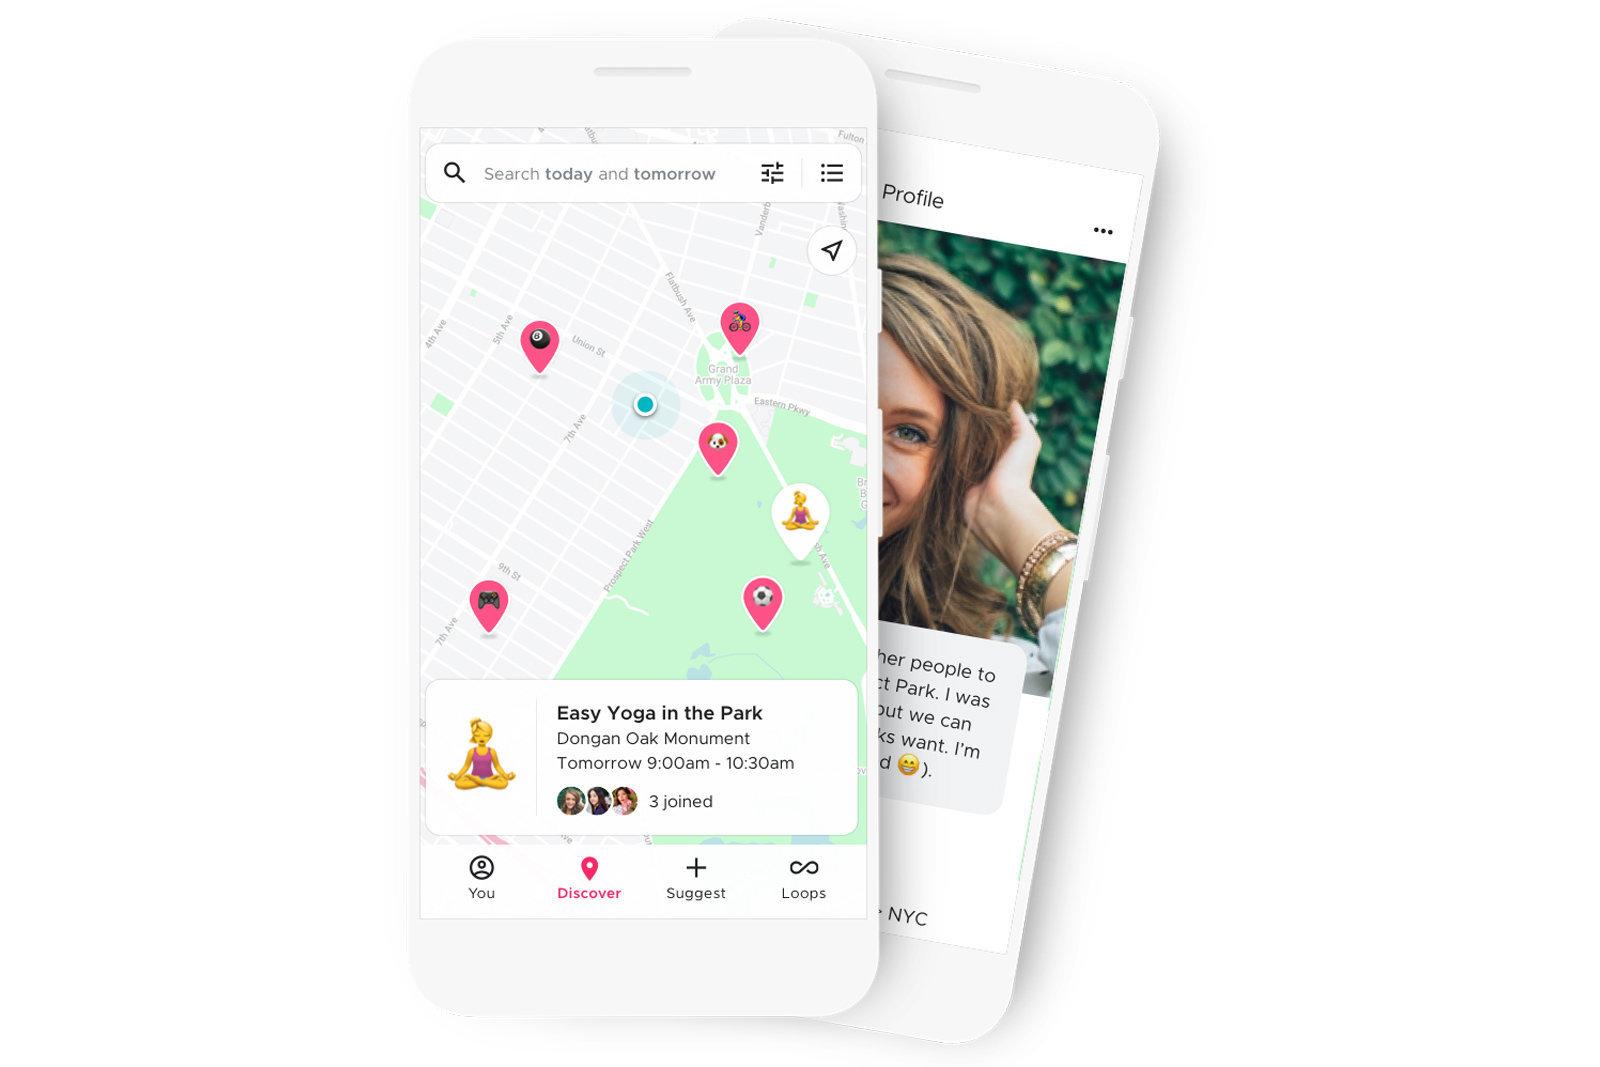 گوگل با شبکه اجتماعی Shoelace افراد را در دنیای واقعی کنار یکدیگر جمع میکند